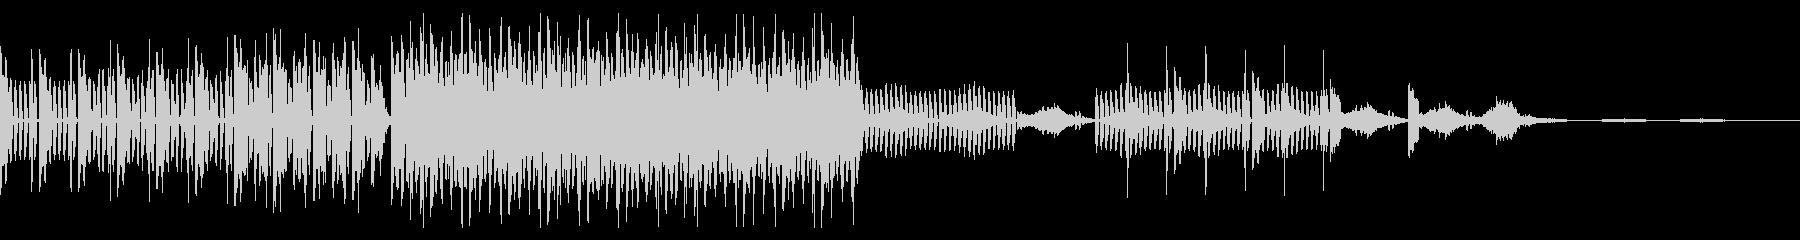 ダンサブルなビートとアルペジオシンセの未再生の波形